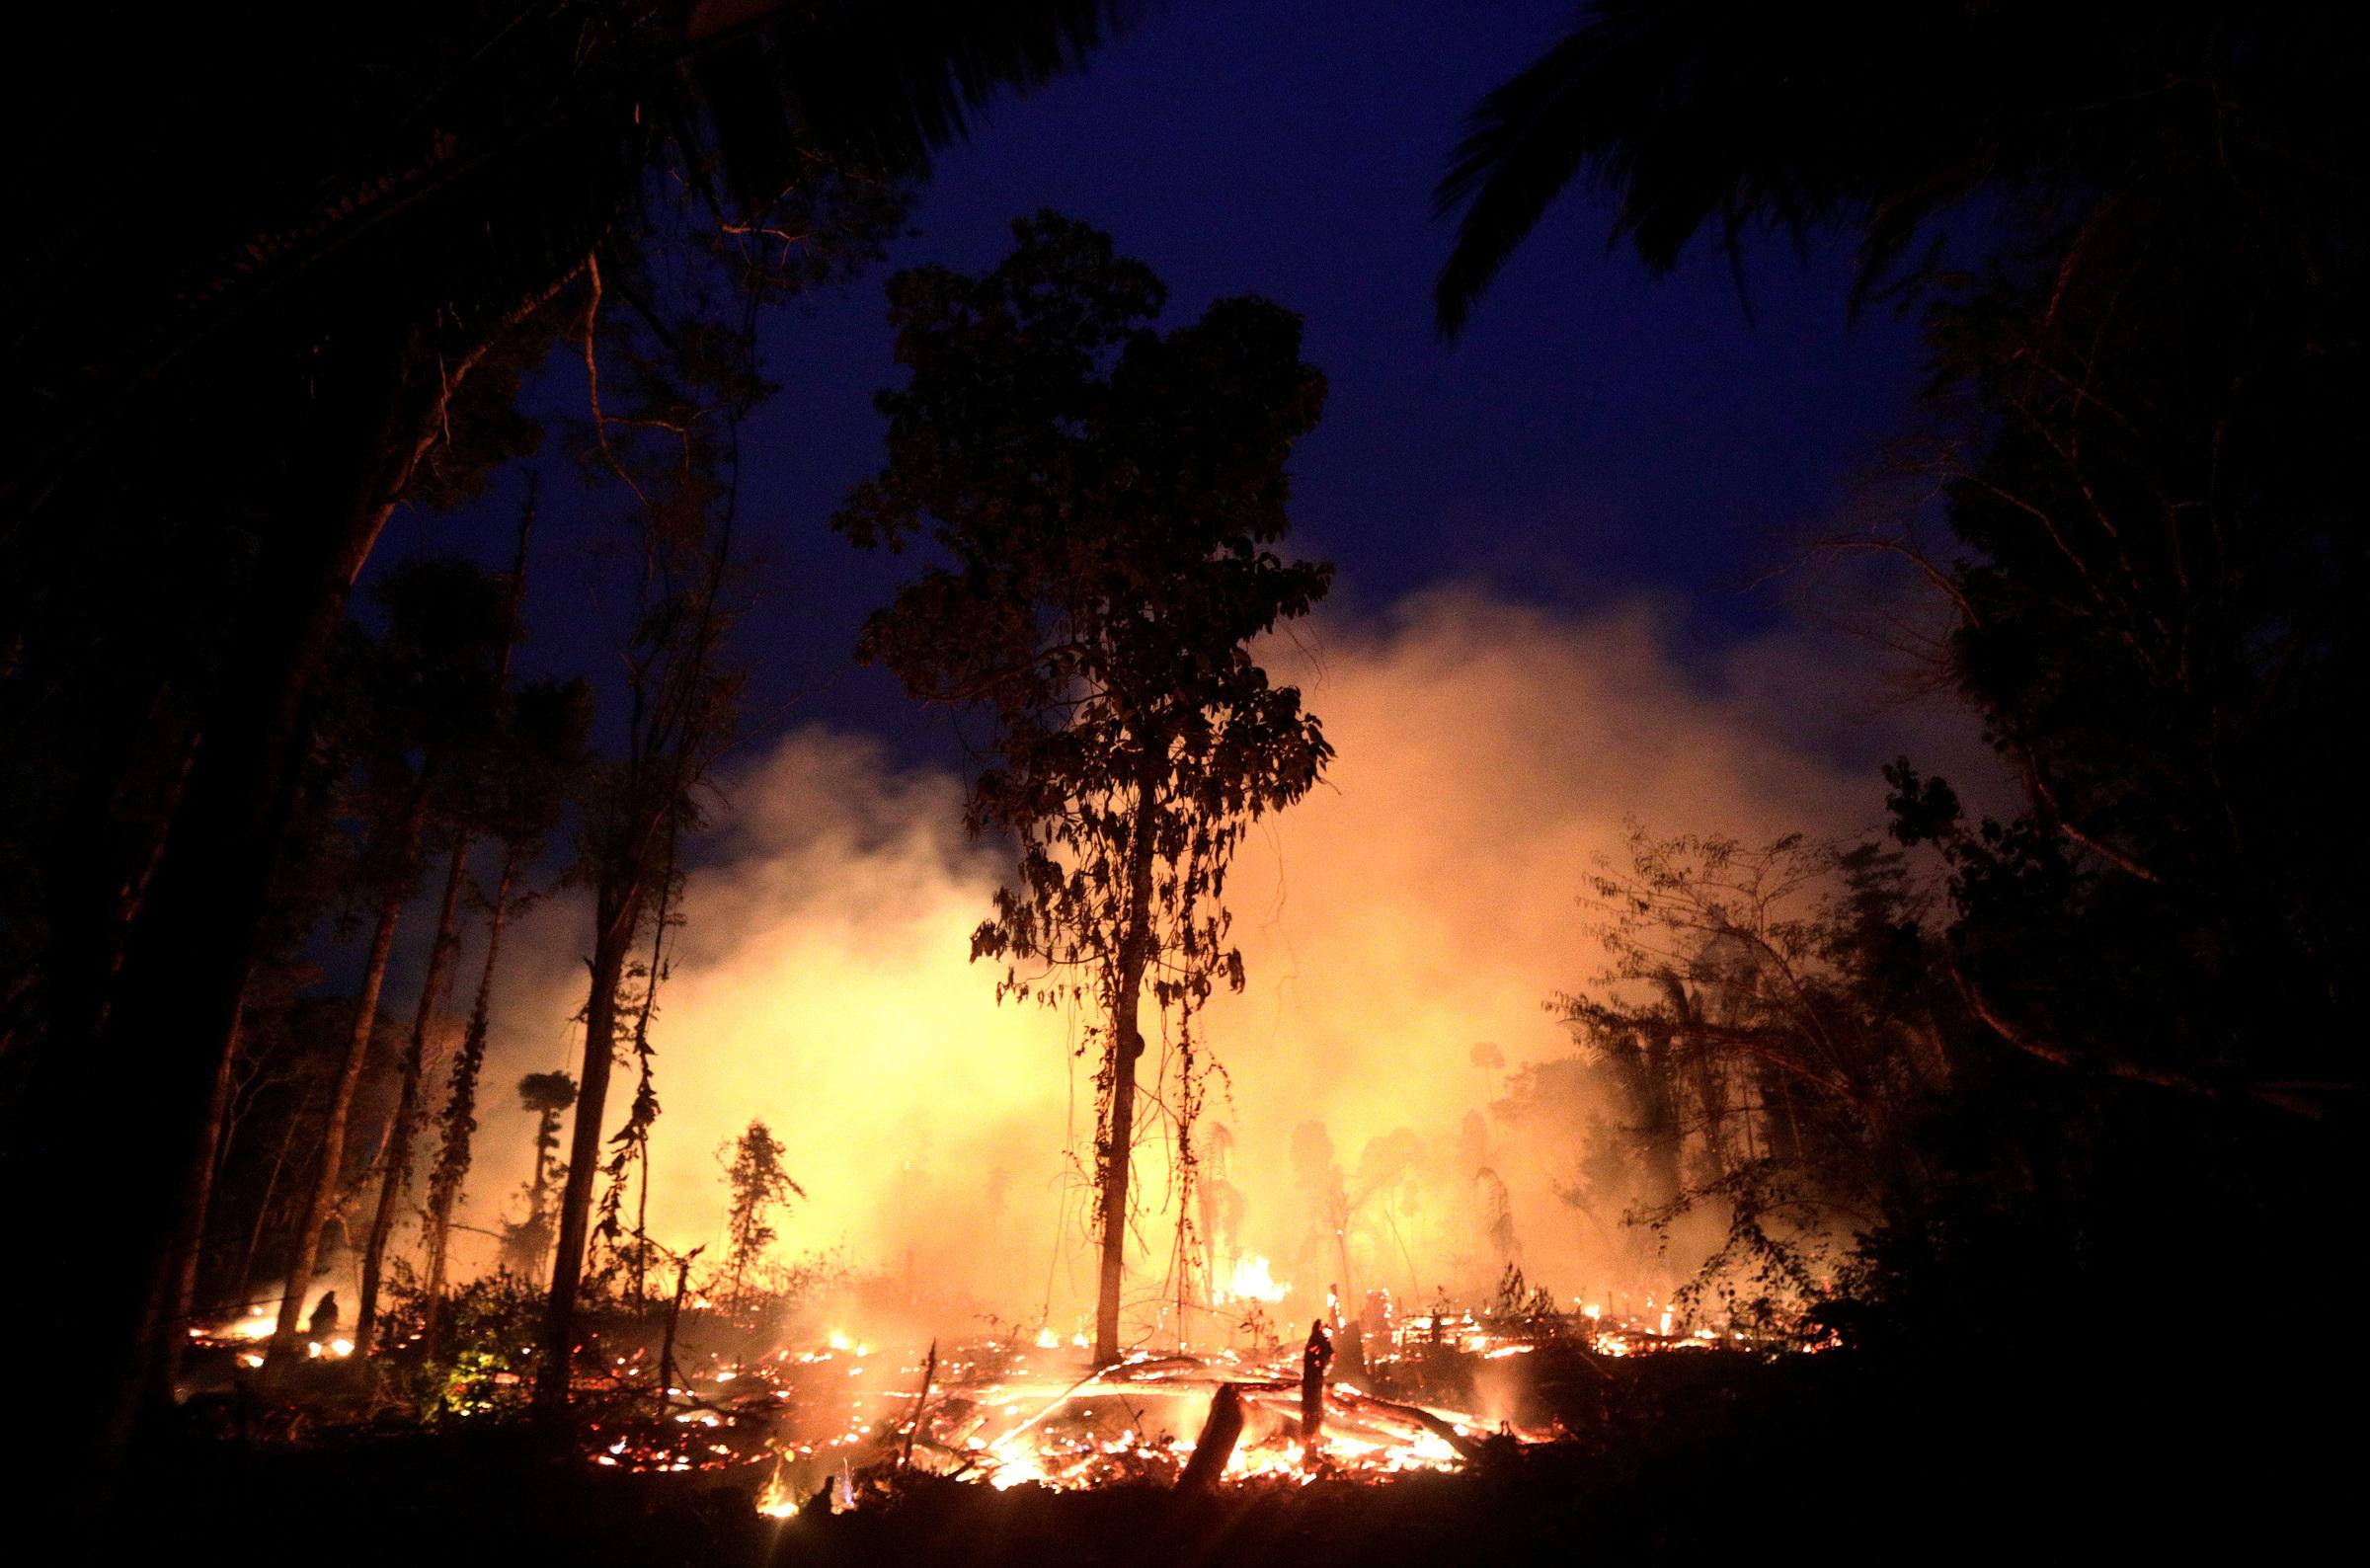 BRAZIL INDIGENOUS THREATS